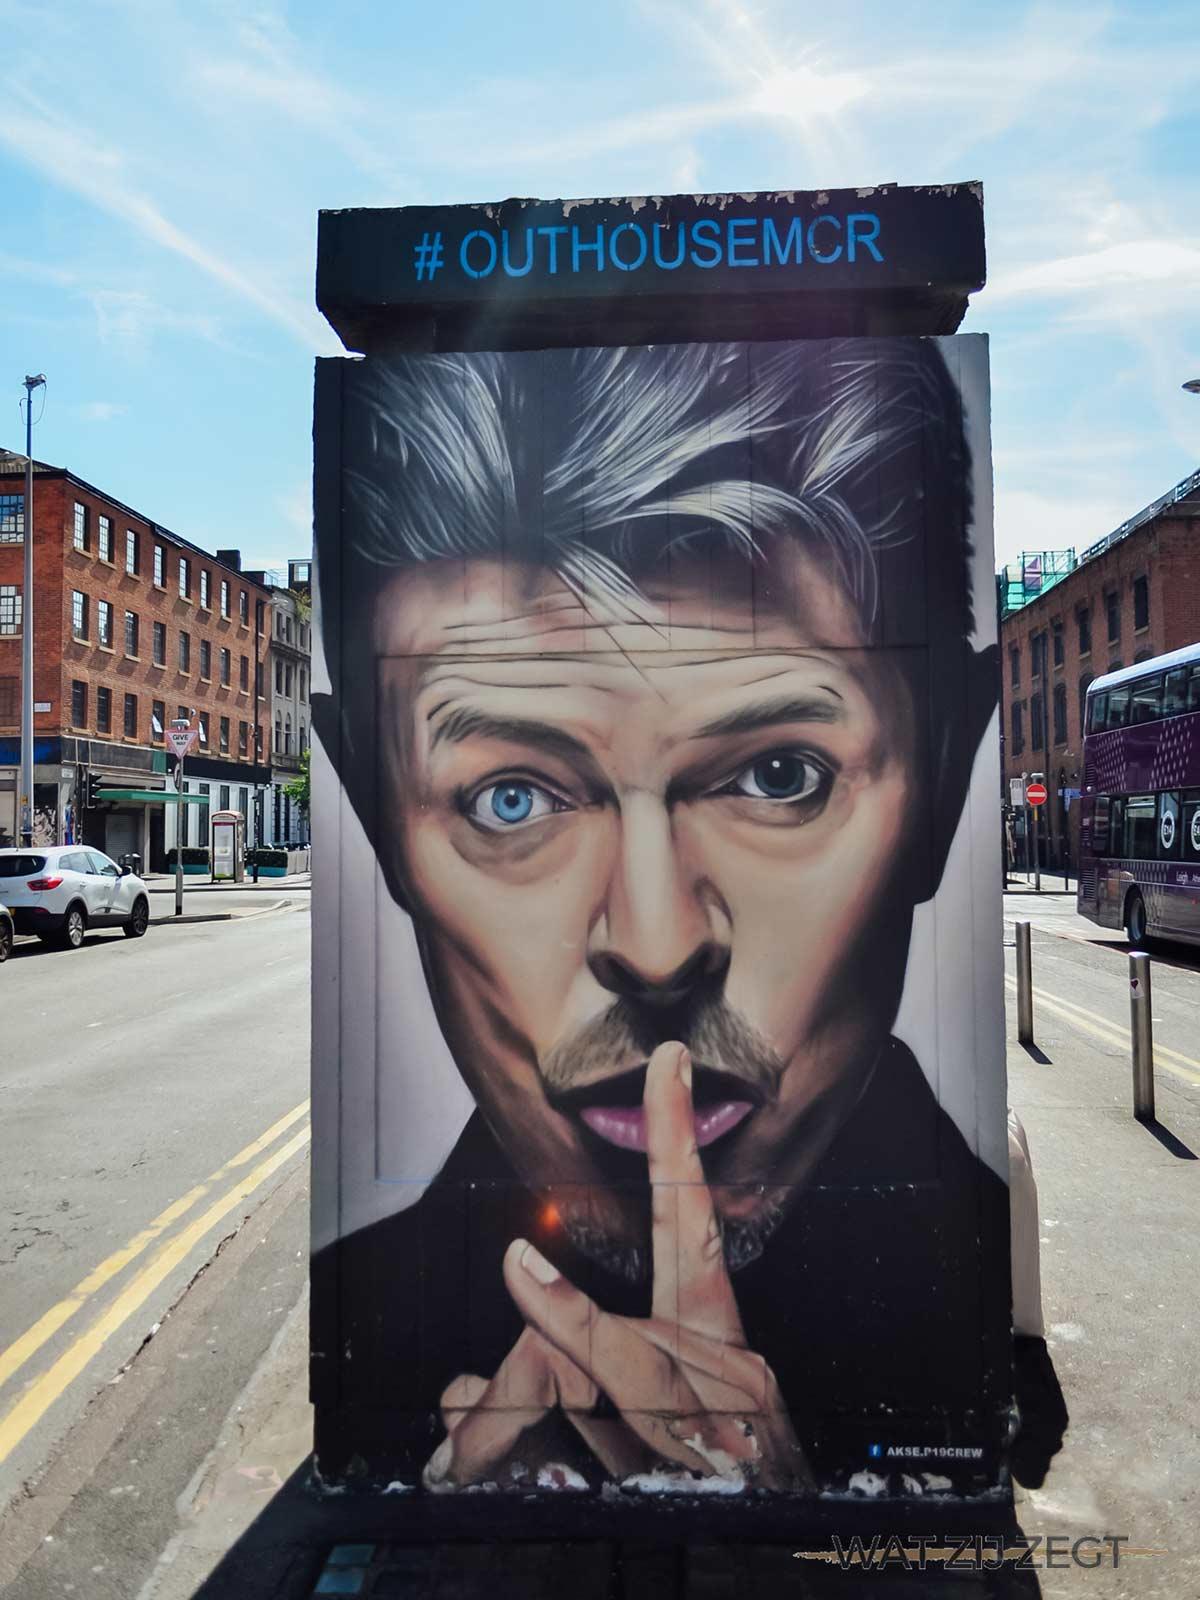 David Bowie vereeuwigd in street art in de straten van Manchester